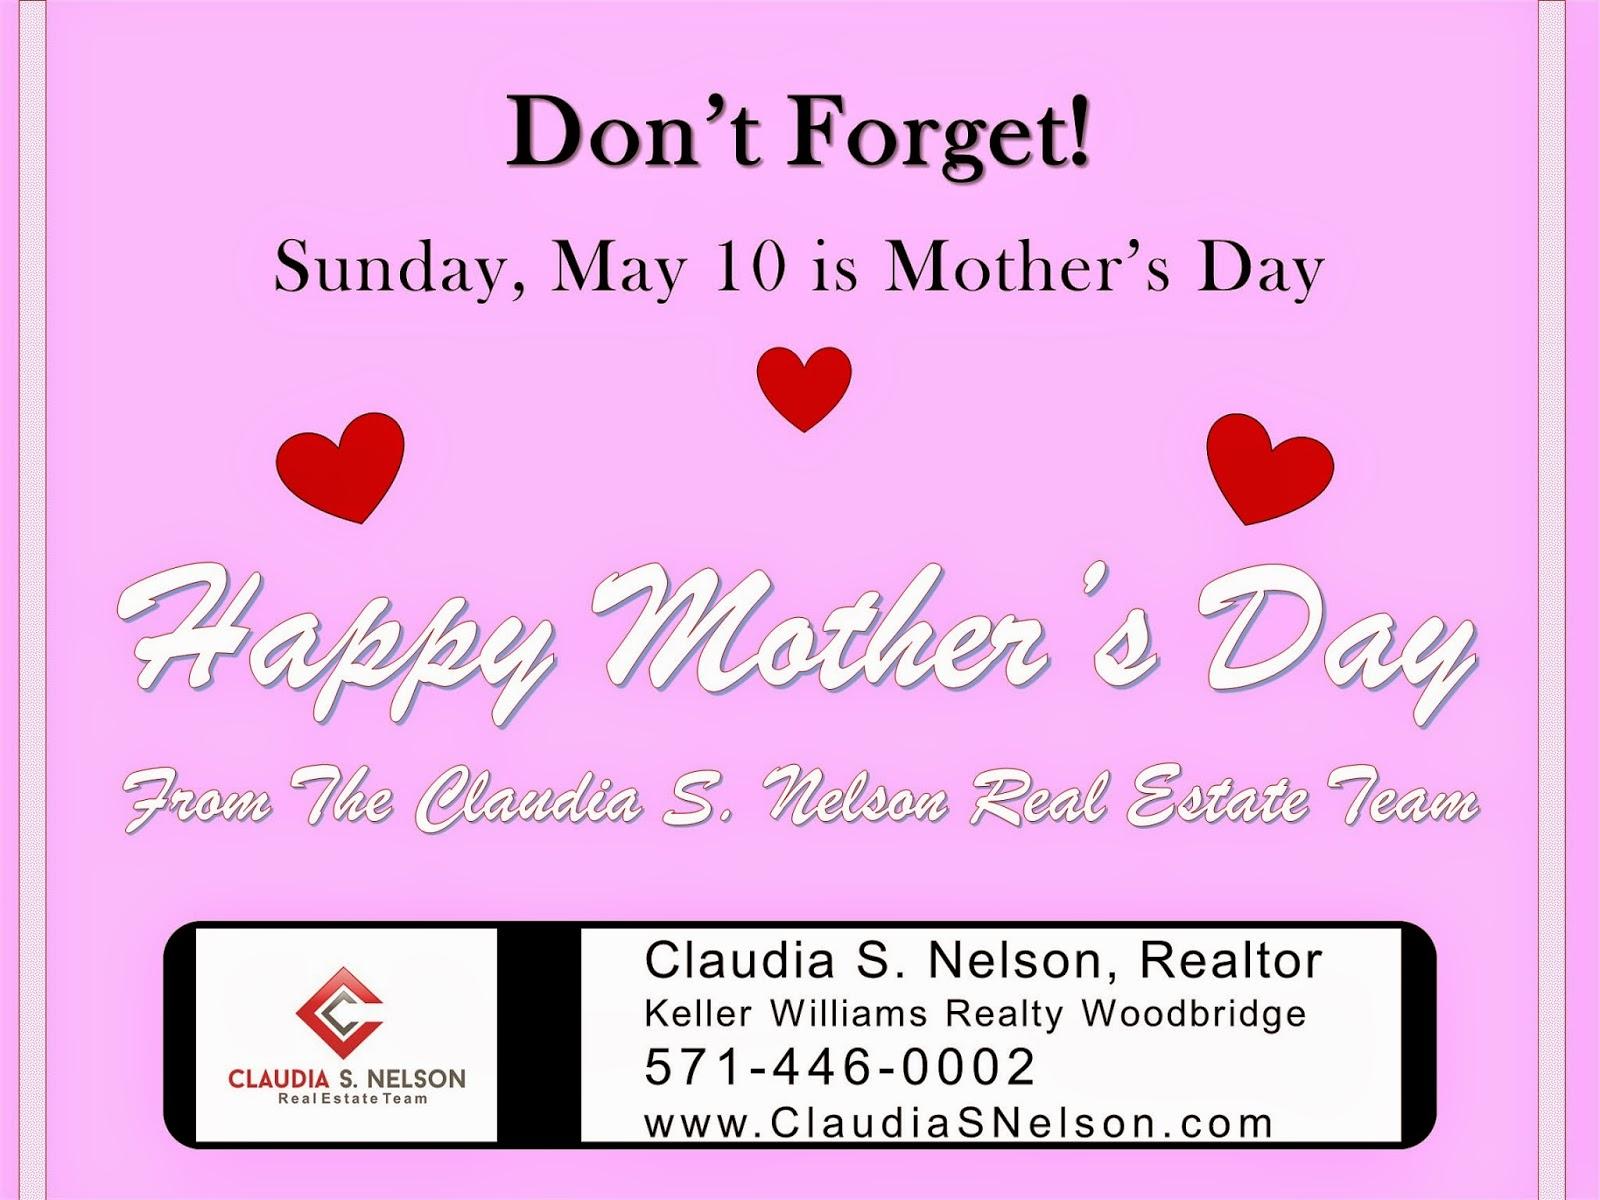 www.ClaudiaSNelson.com